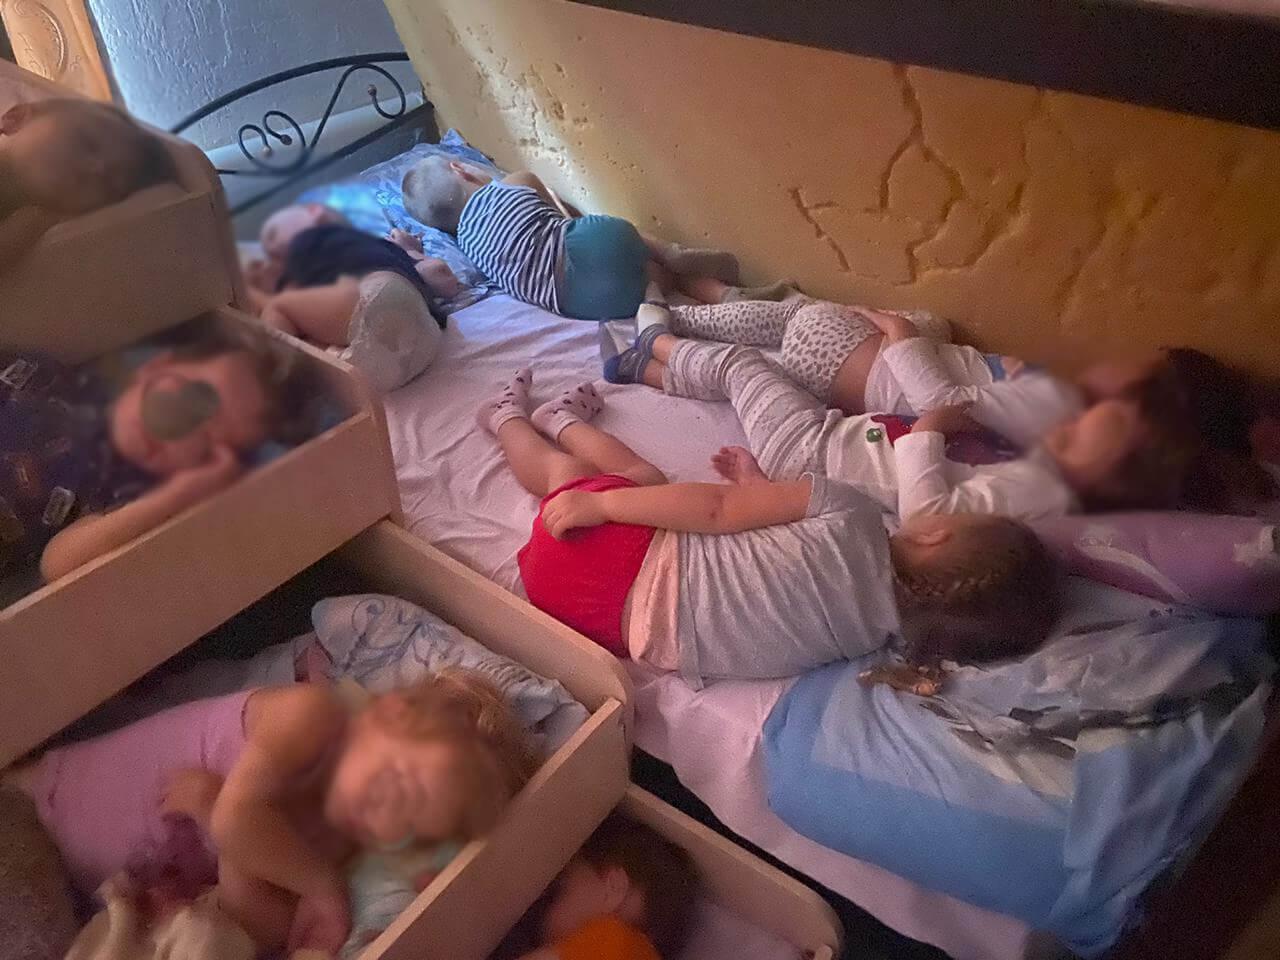 В Краснодаре из-за грубых санитарных нарушений закрыли частный детский сад